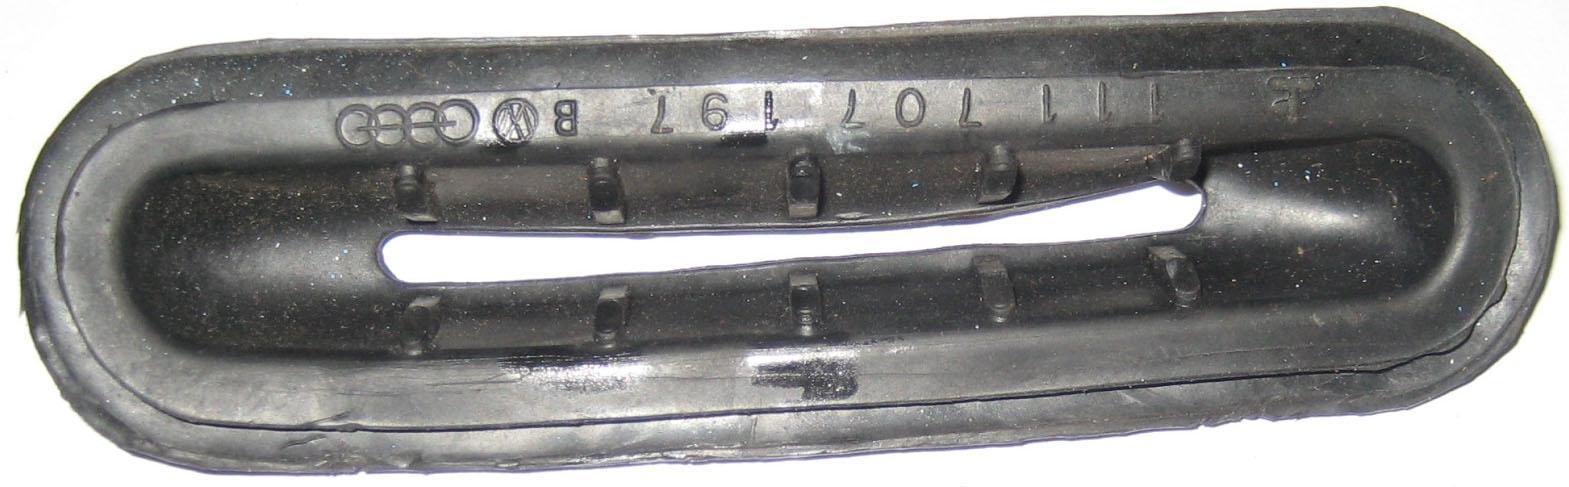 CP-VW-005